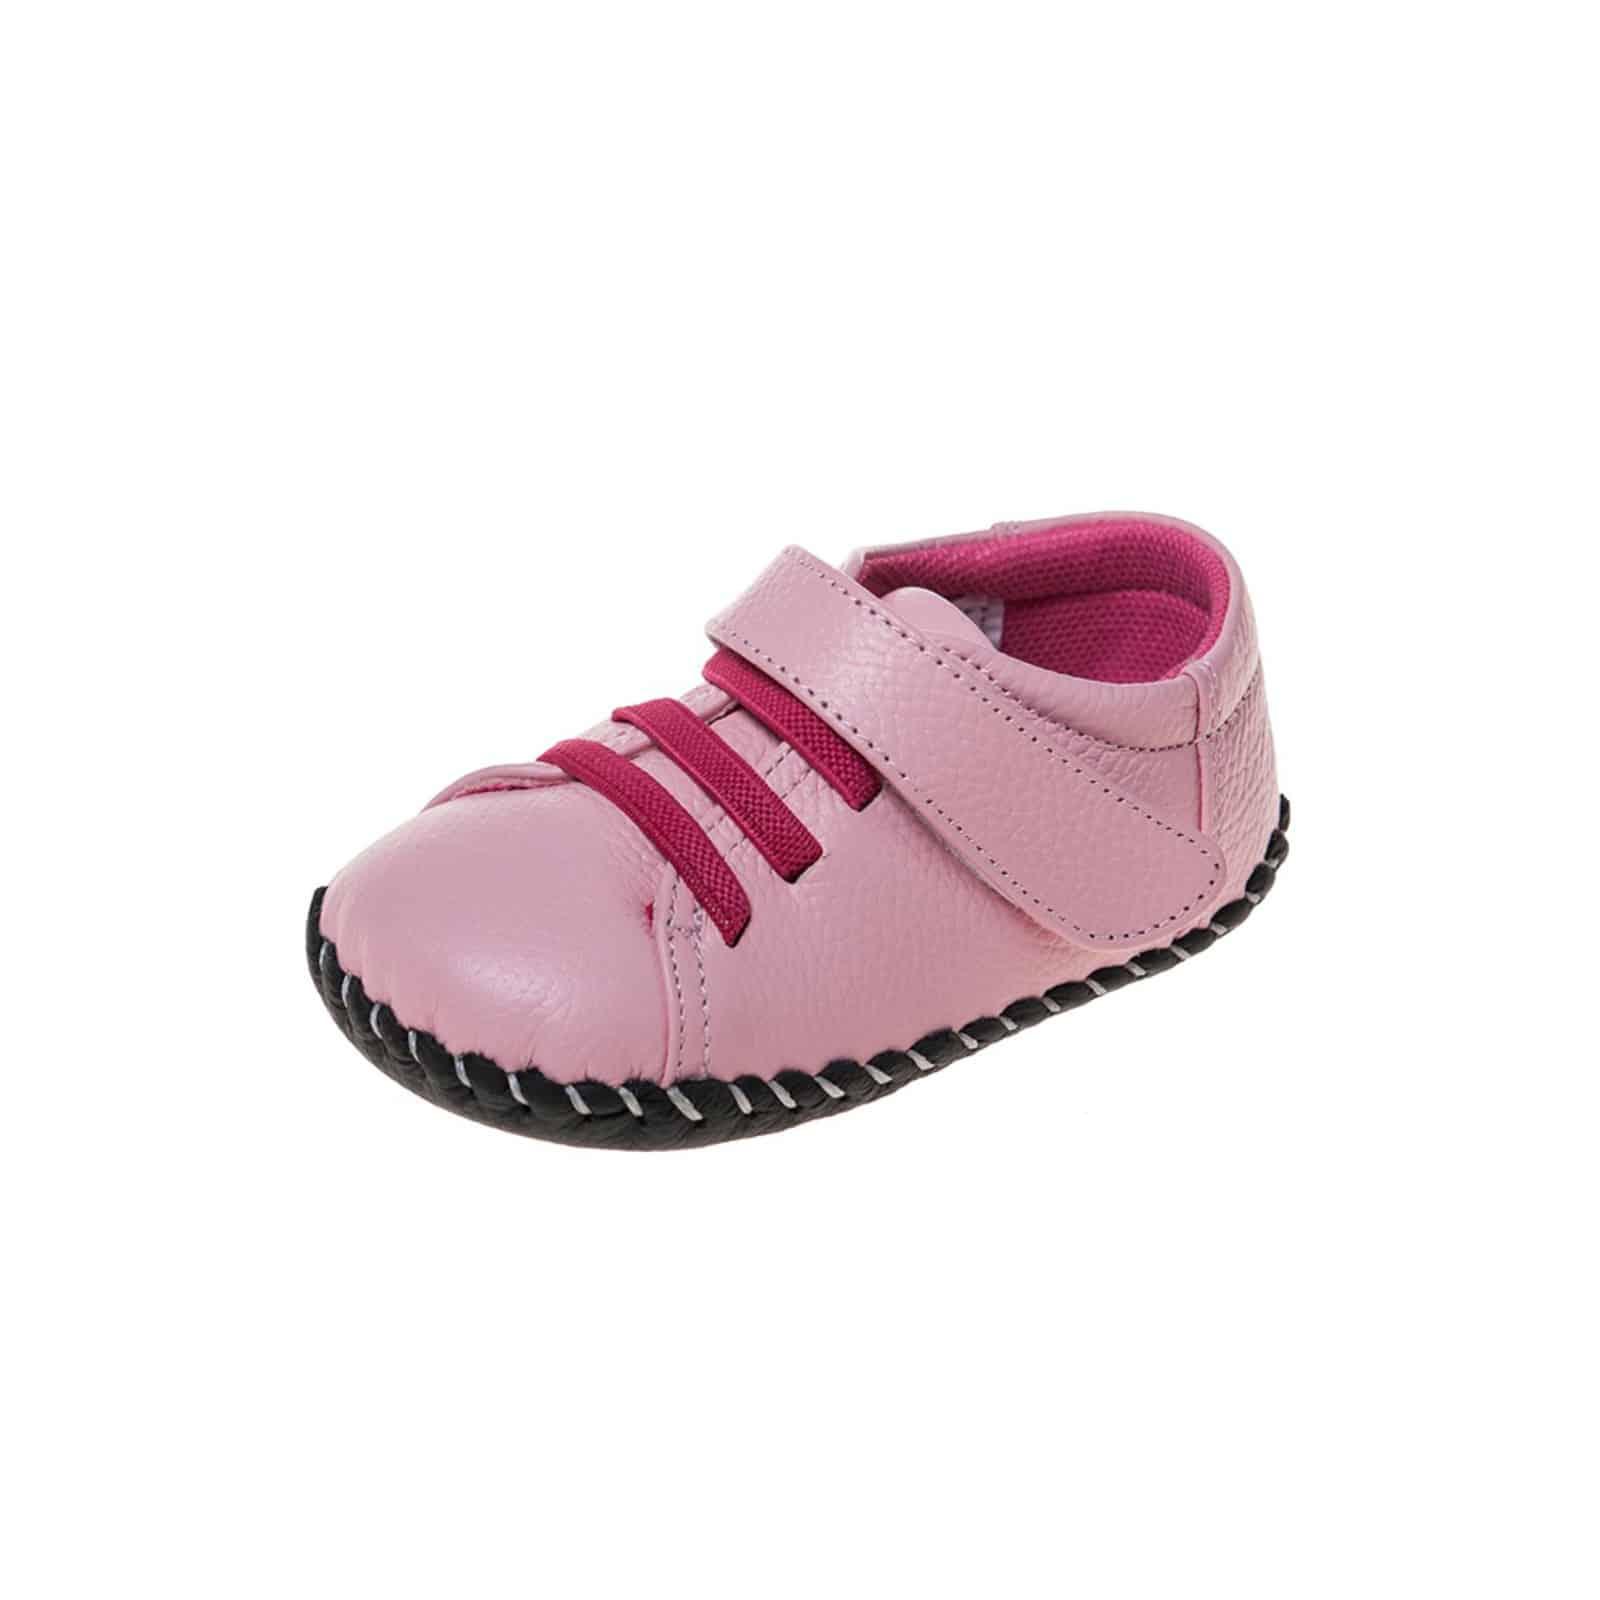 22cc57502d6bc Little Blue Lamb - Chaussures premiers pas cuir souple